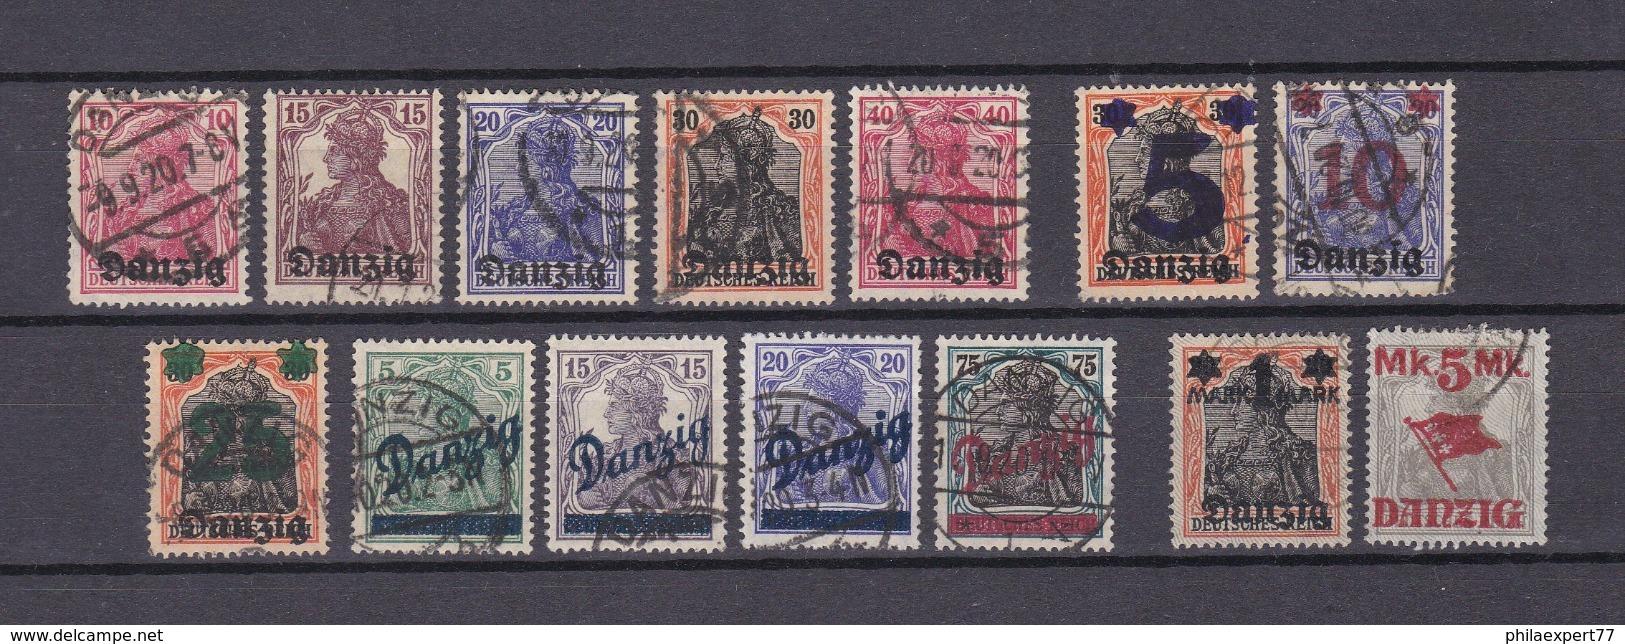 Danzig - 1920 - Sammlung - Gest. - 63 Euro - Danzig